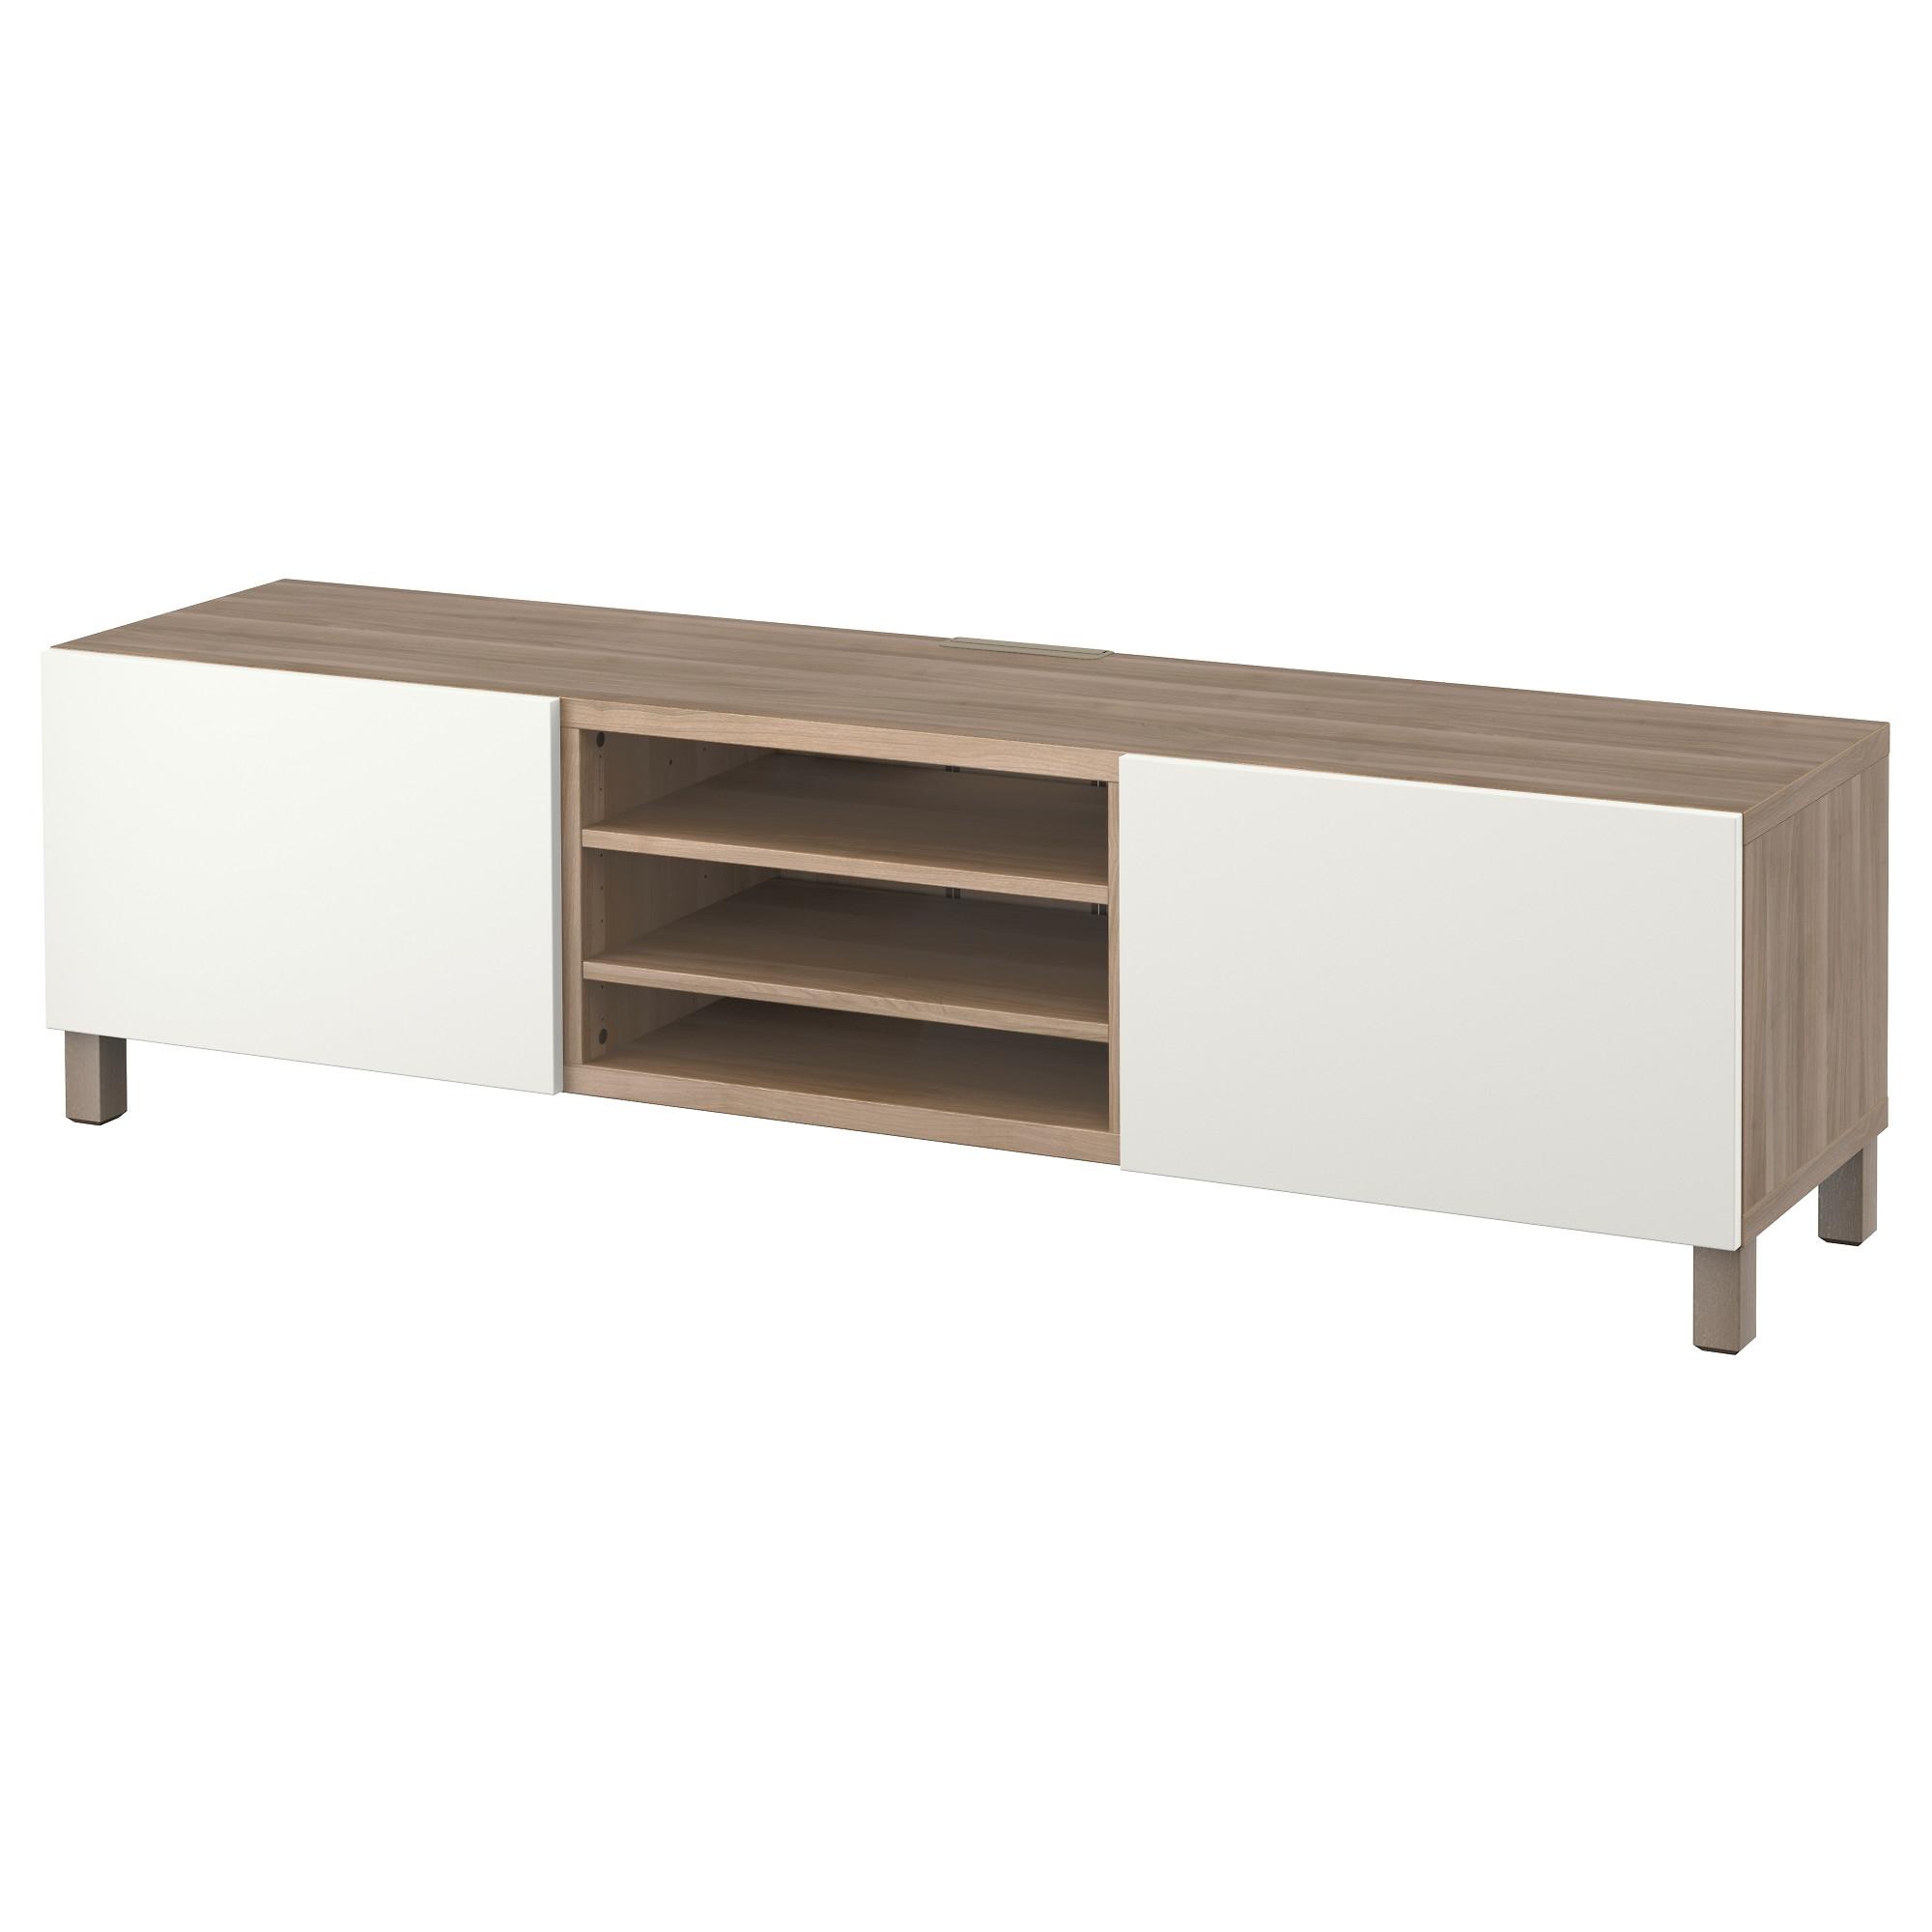 Best mueble tv cajones - Ikea mesas de tv ...